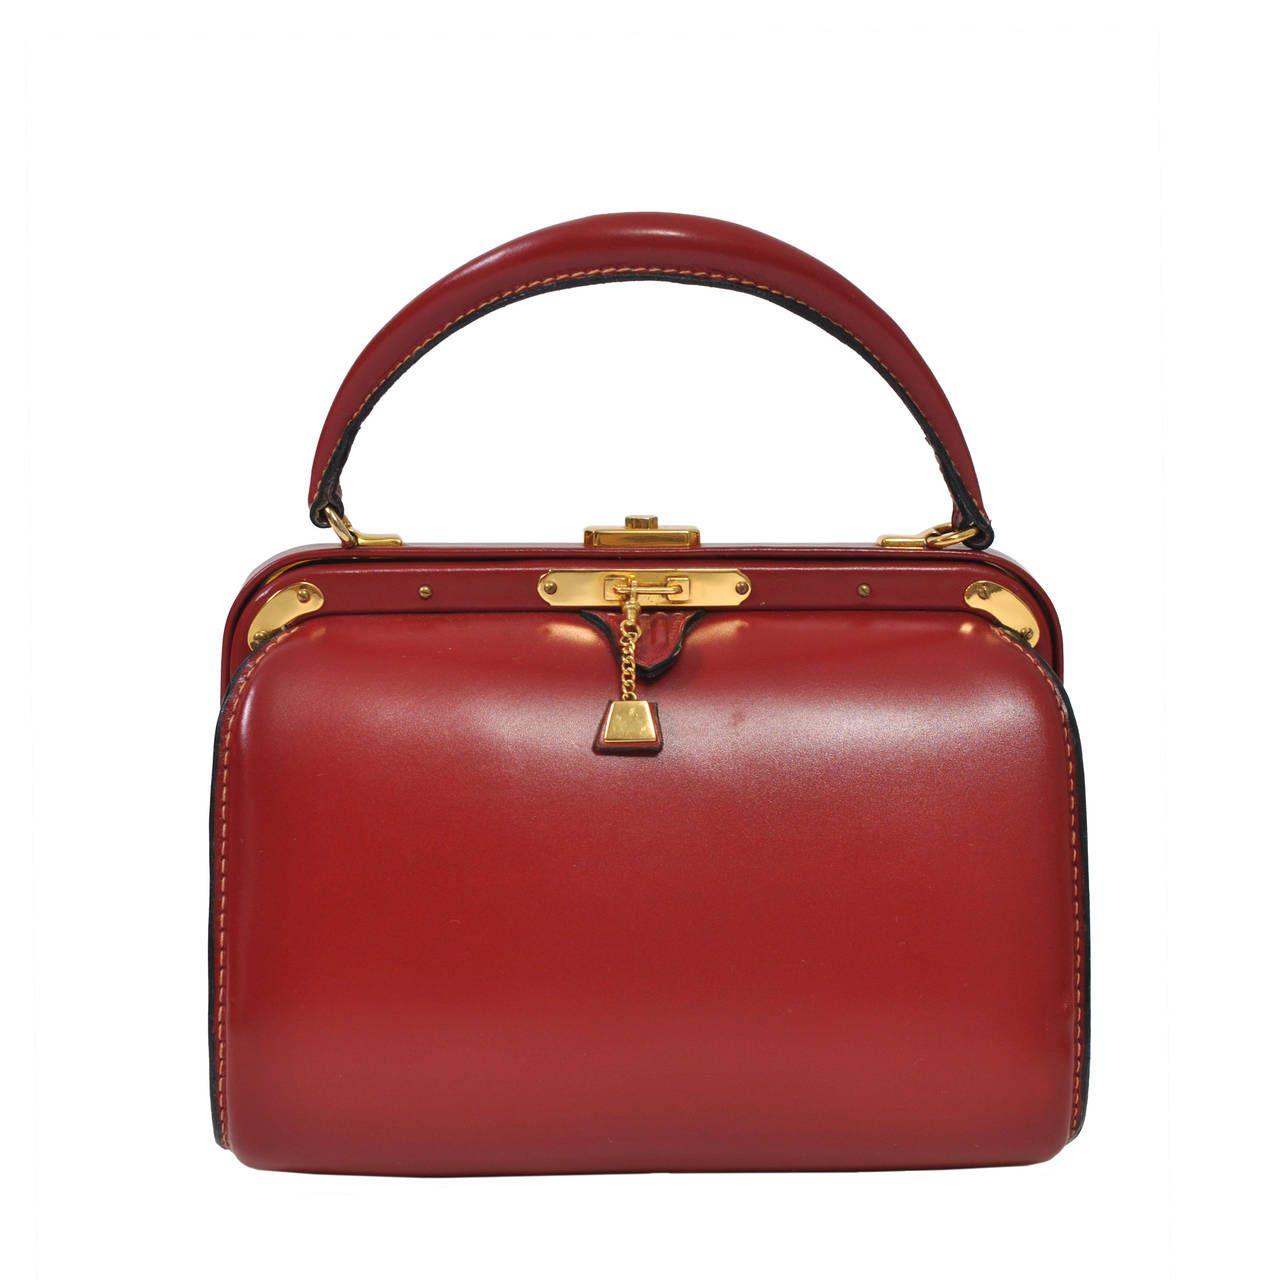 0c123fc79567 Lederer 1960s Red Leather Handbag